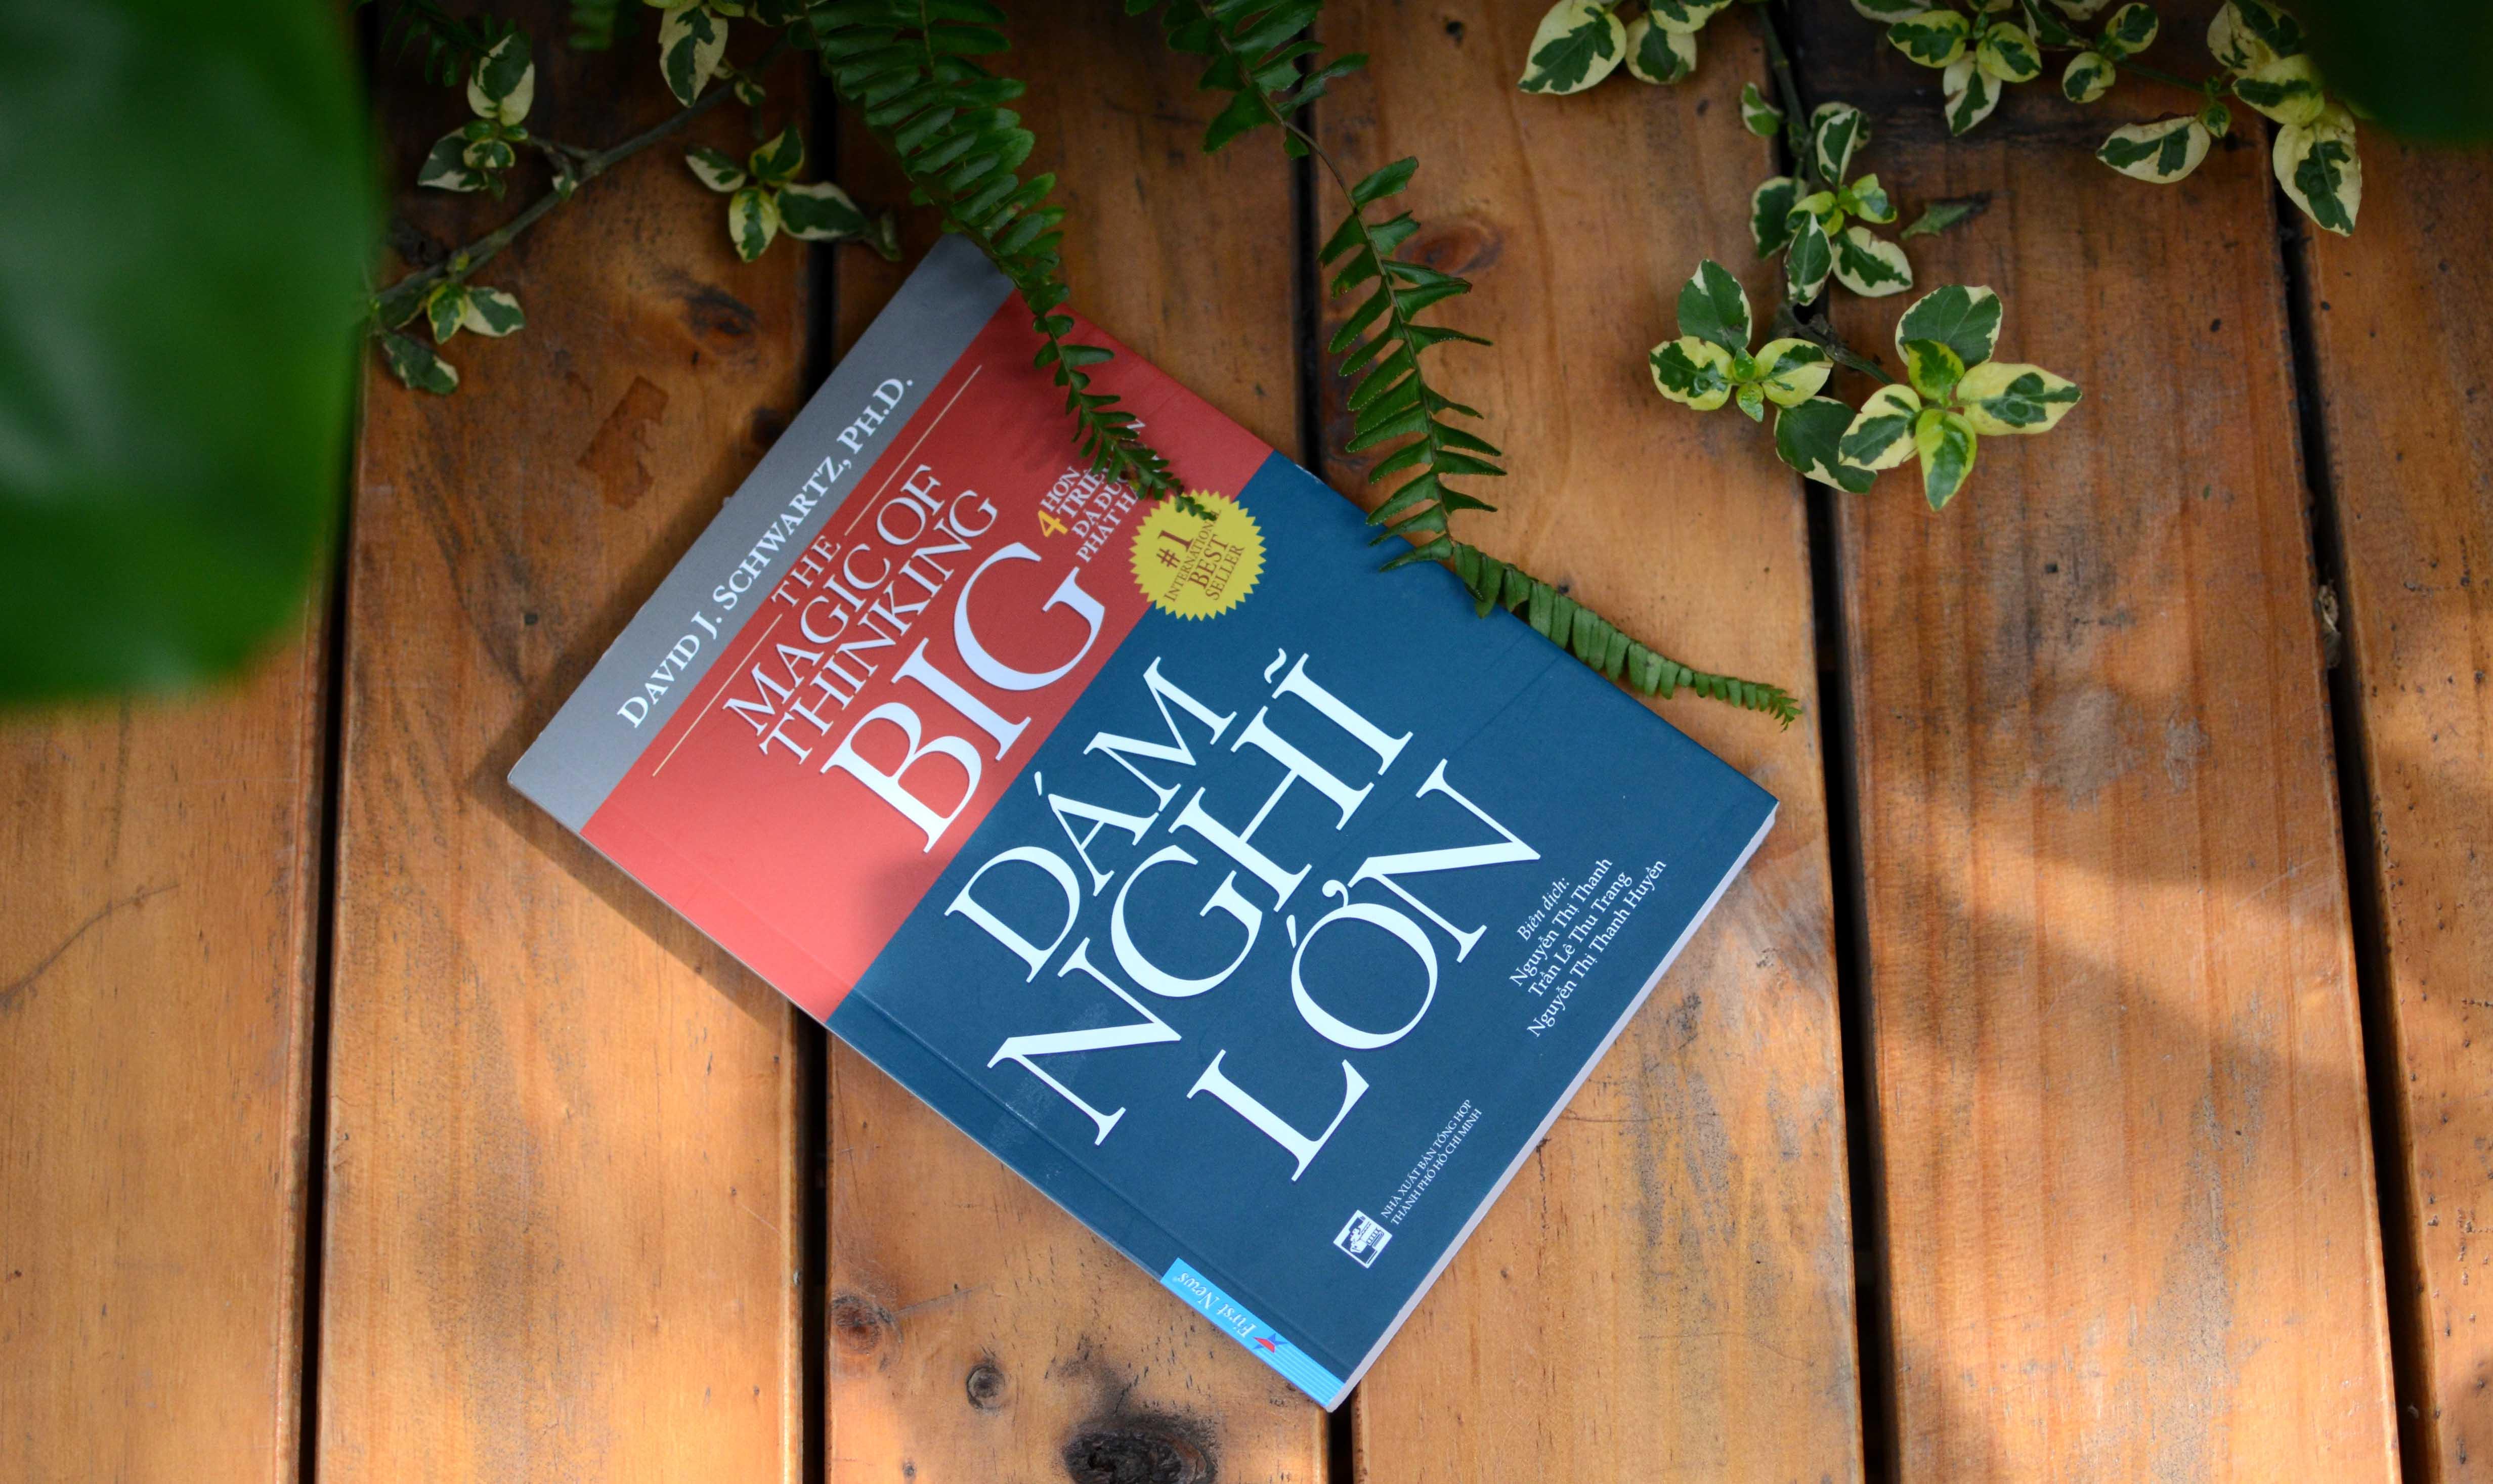 Combo Sách Nghĩ Giàu (Dám làm giàu 52026+ Dám nghĩ lớn 48289 + Nghĩ giàu & Làm giàu 44342 ) Bìa mềm. Tái bản 2020